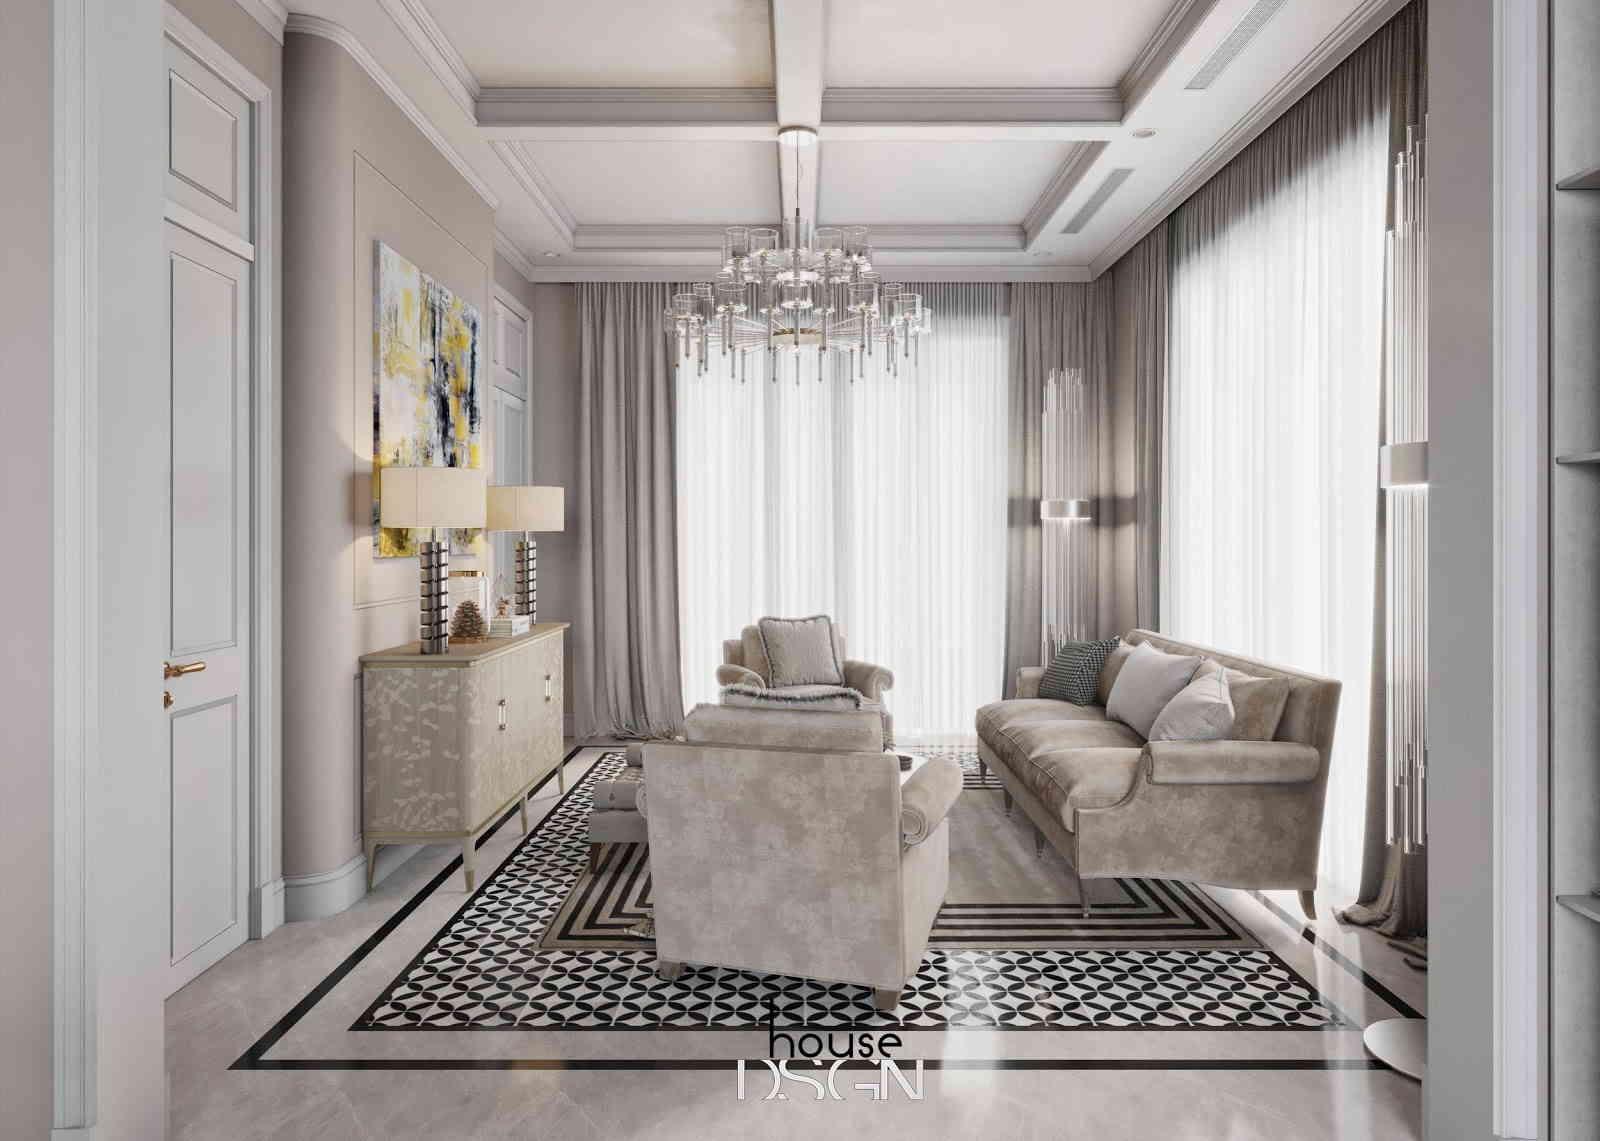 thiết kế nội thất phong cách tân cổ điển - Housedesign